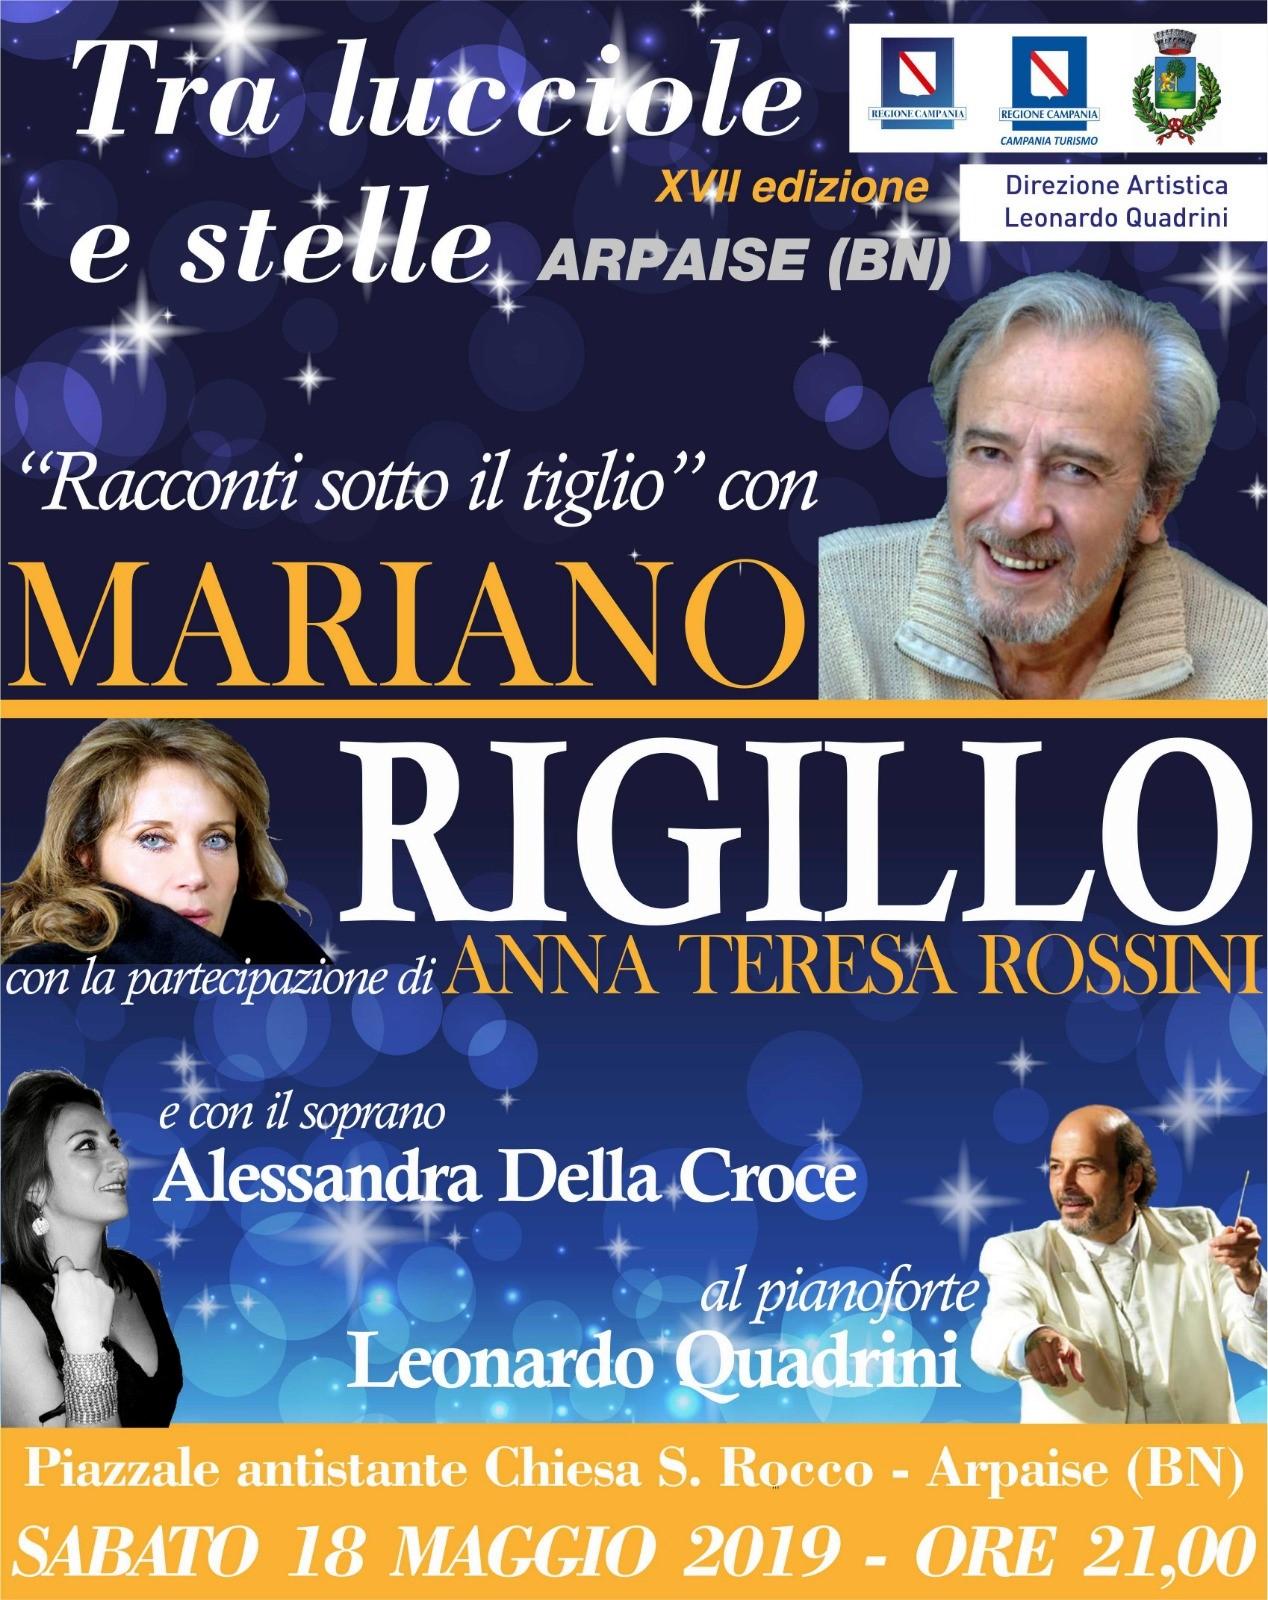 I 'racconti sotto il tiglio' di Mariano Rigillo protagonista della kermesse Tra lucciole e stelle